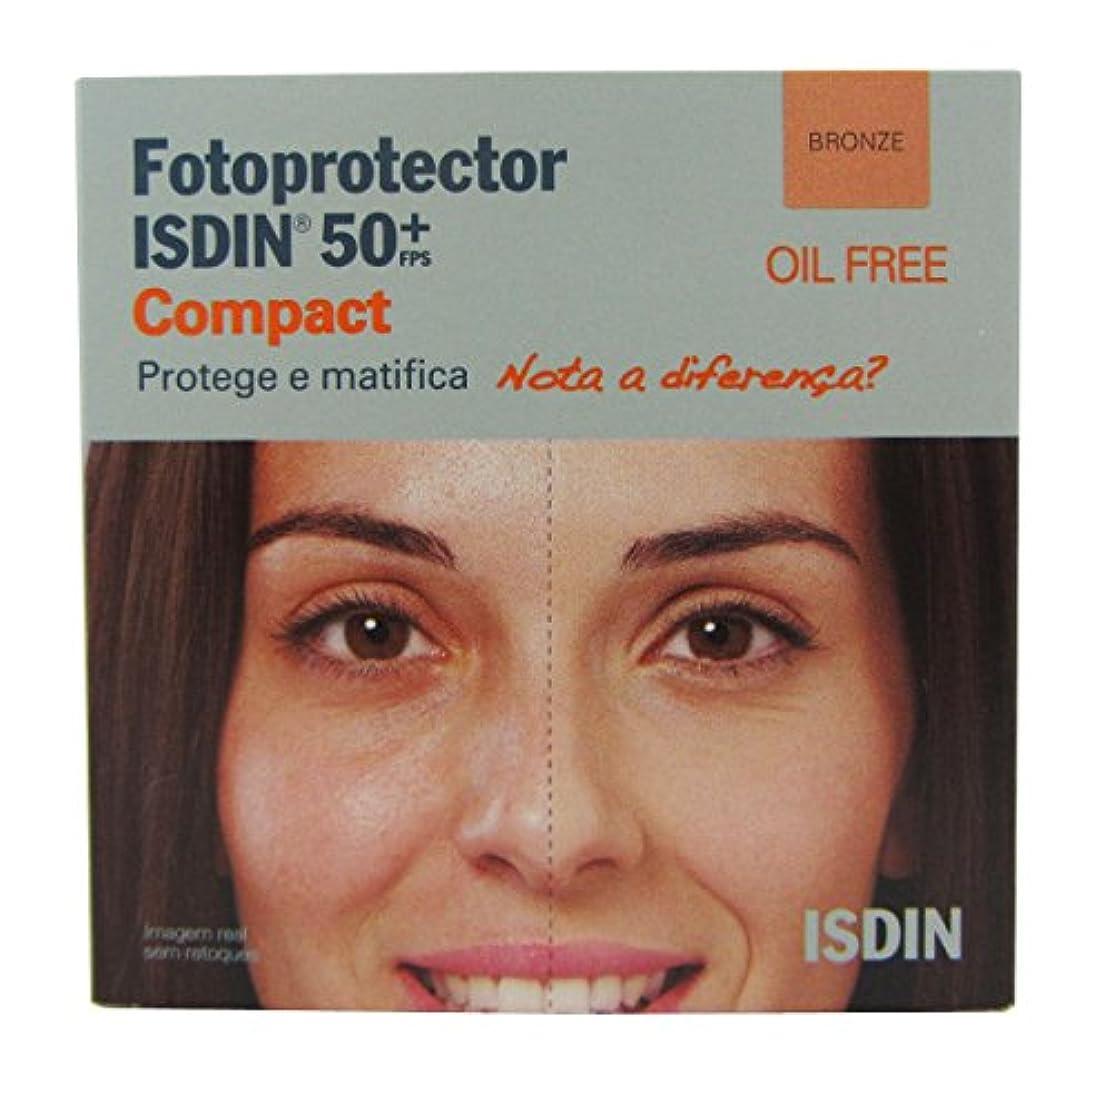 定刻遊びます糸Isdin Photoprotector Compact 50+ Bronz 10g [並行輸入品]